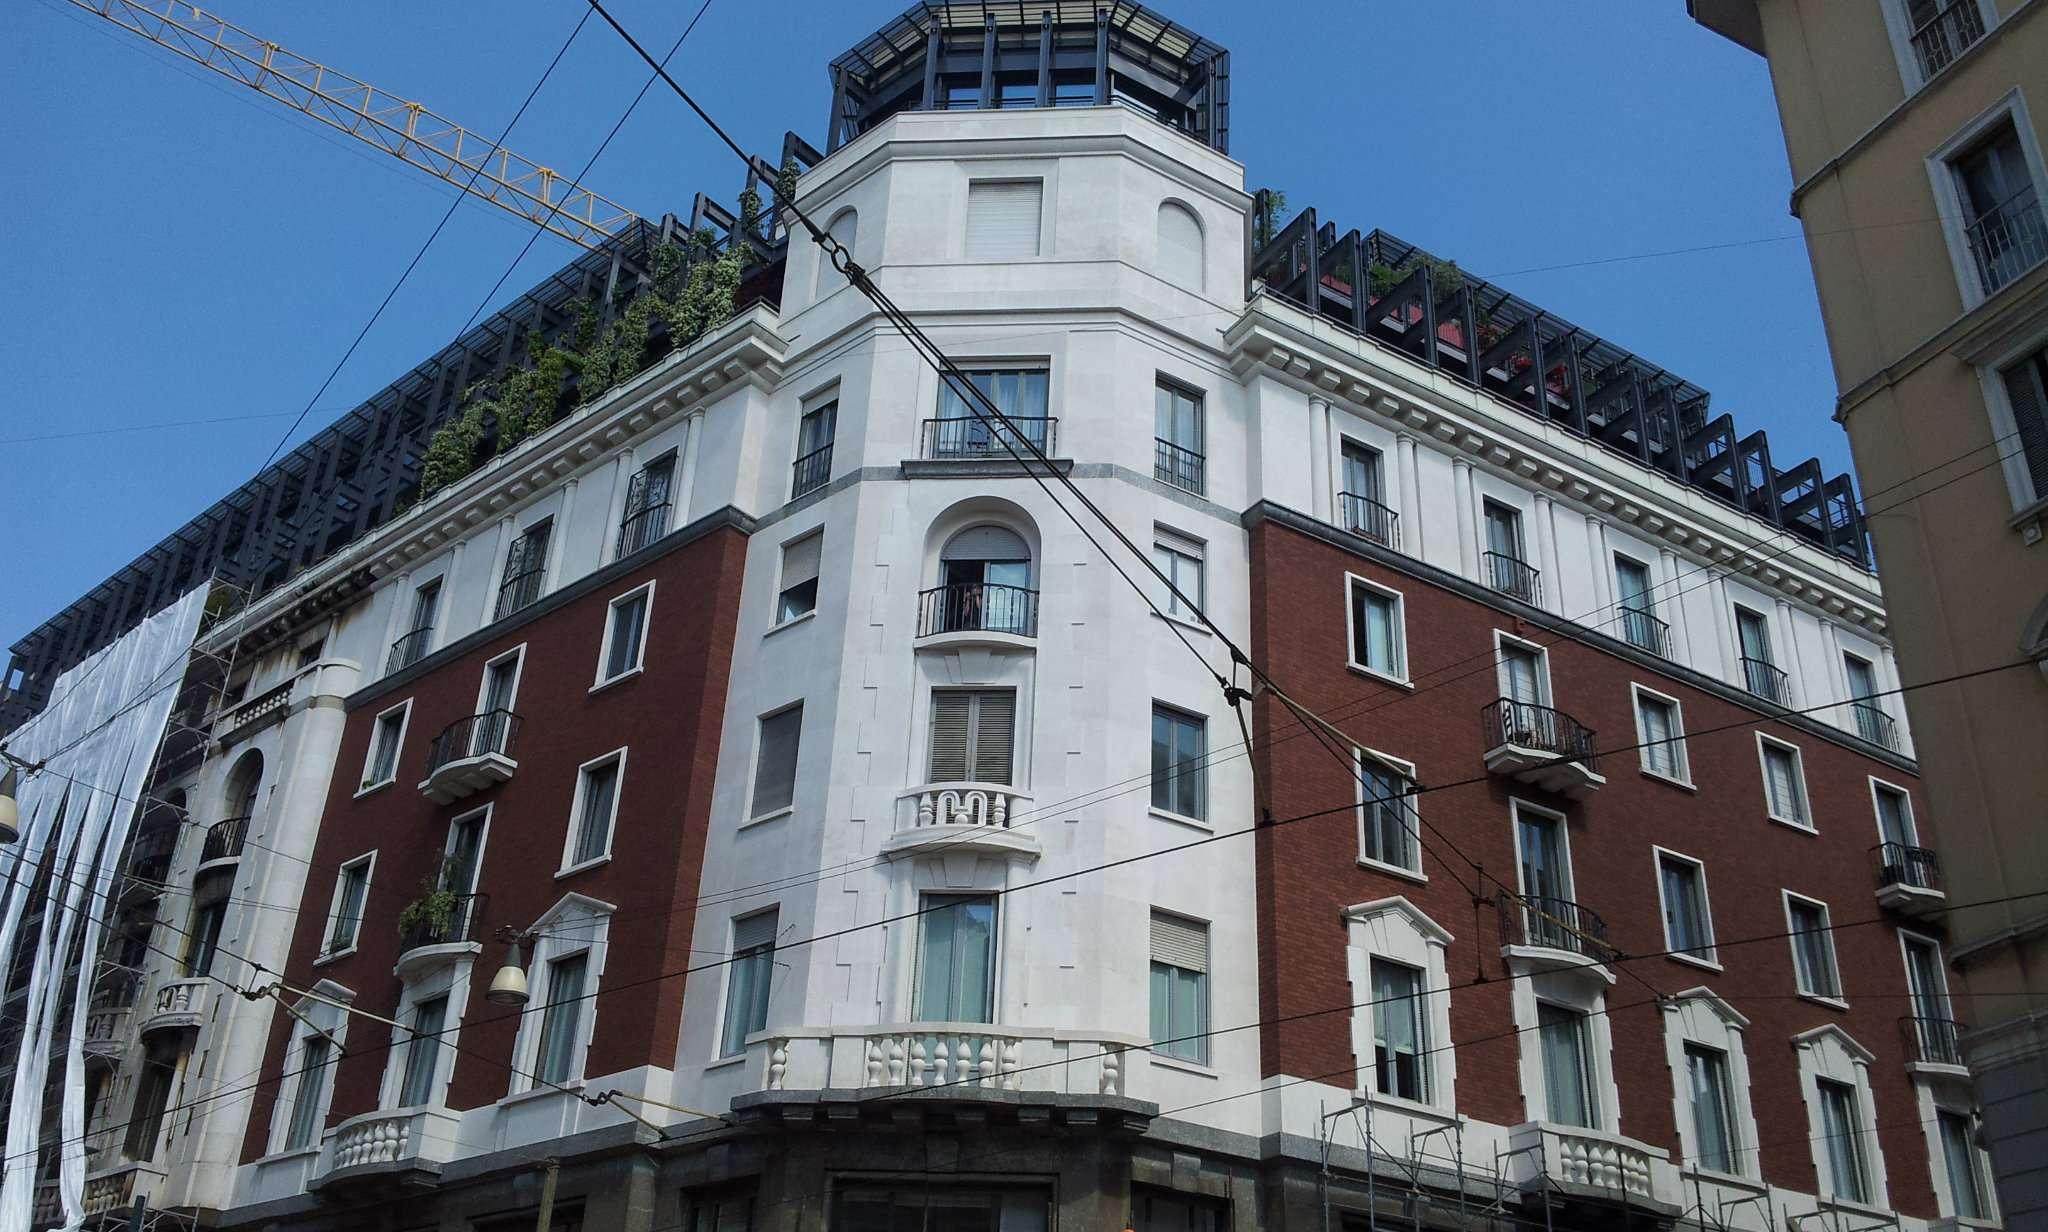 Appartamento in affitto a Milano, 1 locali, zona Zona: 1 . Centro Storico, Duomo, Brera, Cadorna, Cattolica, prezzo € 960 | Cambio Casa.it